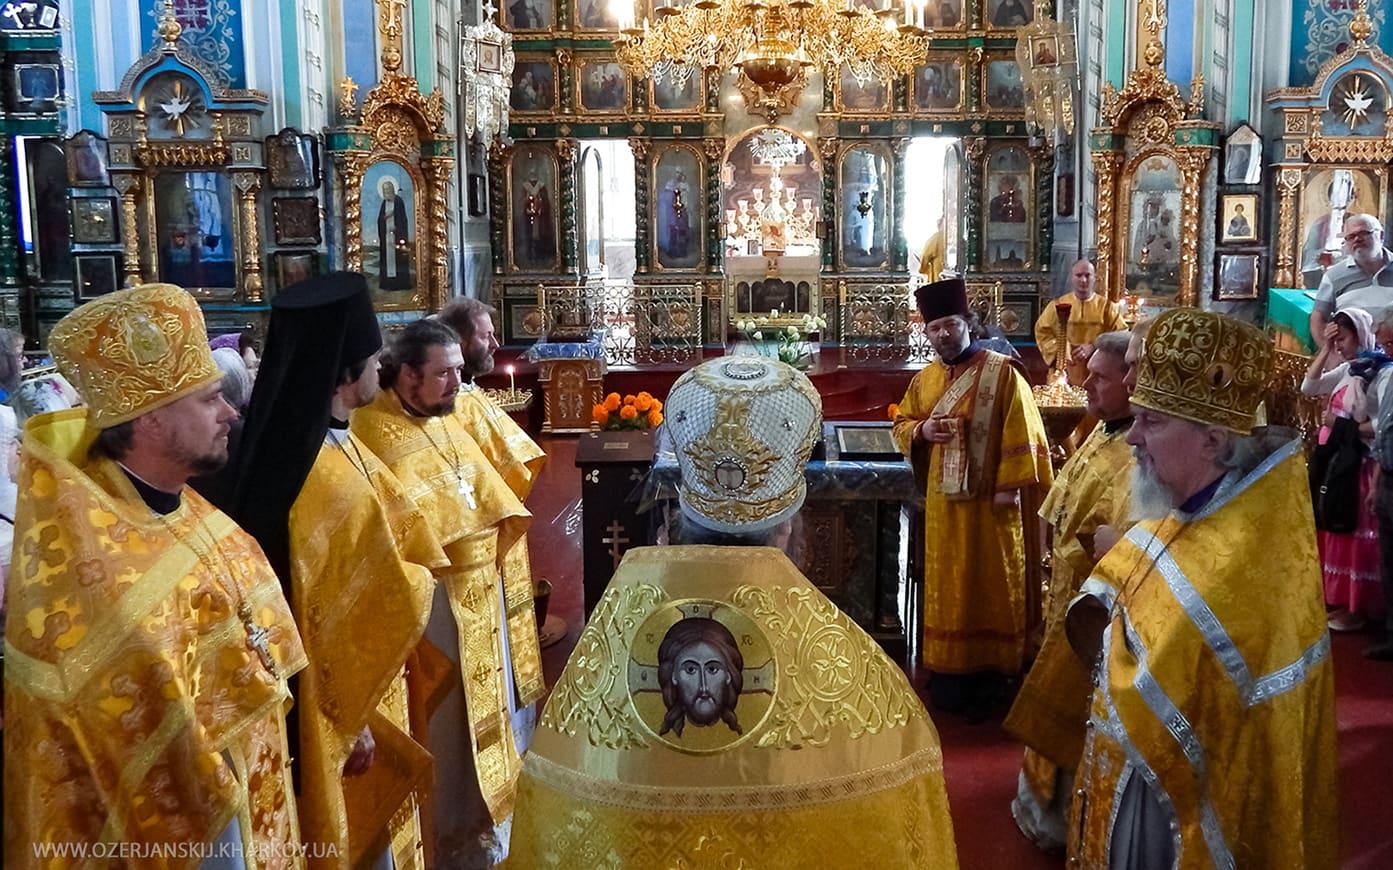 Обретение мощей Святителя Иоасафа, епископа Белгородского. 17 сентября 2020 г.